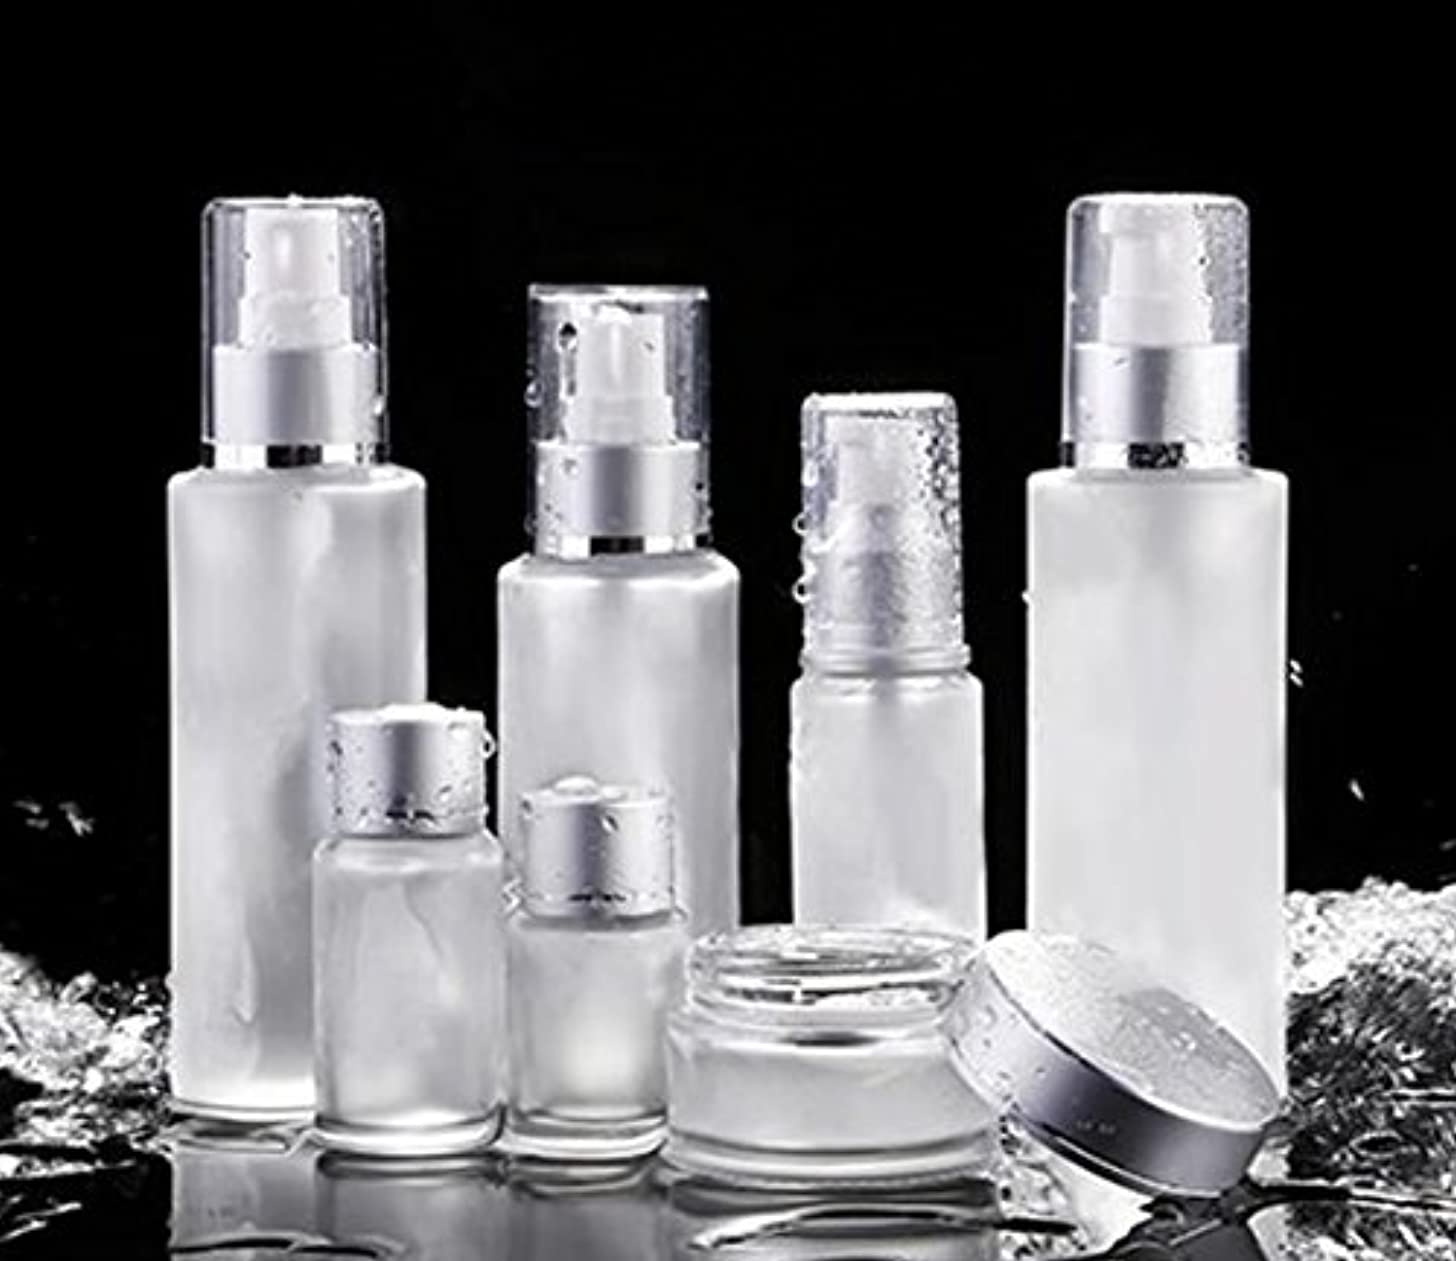 トラブルクスクス接地ShopXJ 化粧水 容器 スプレー 詰め替え 携帯 ボトル プッシュ ボトル 旅行 お出かけ 外泊に (50ml)